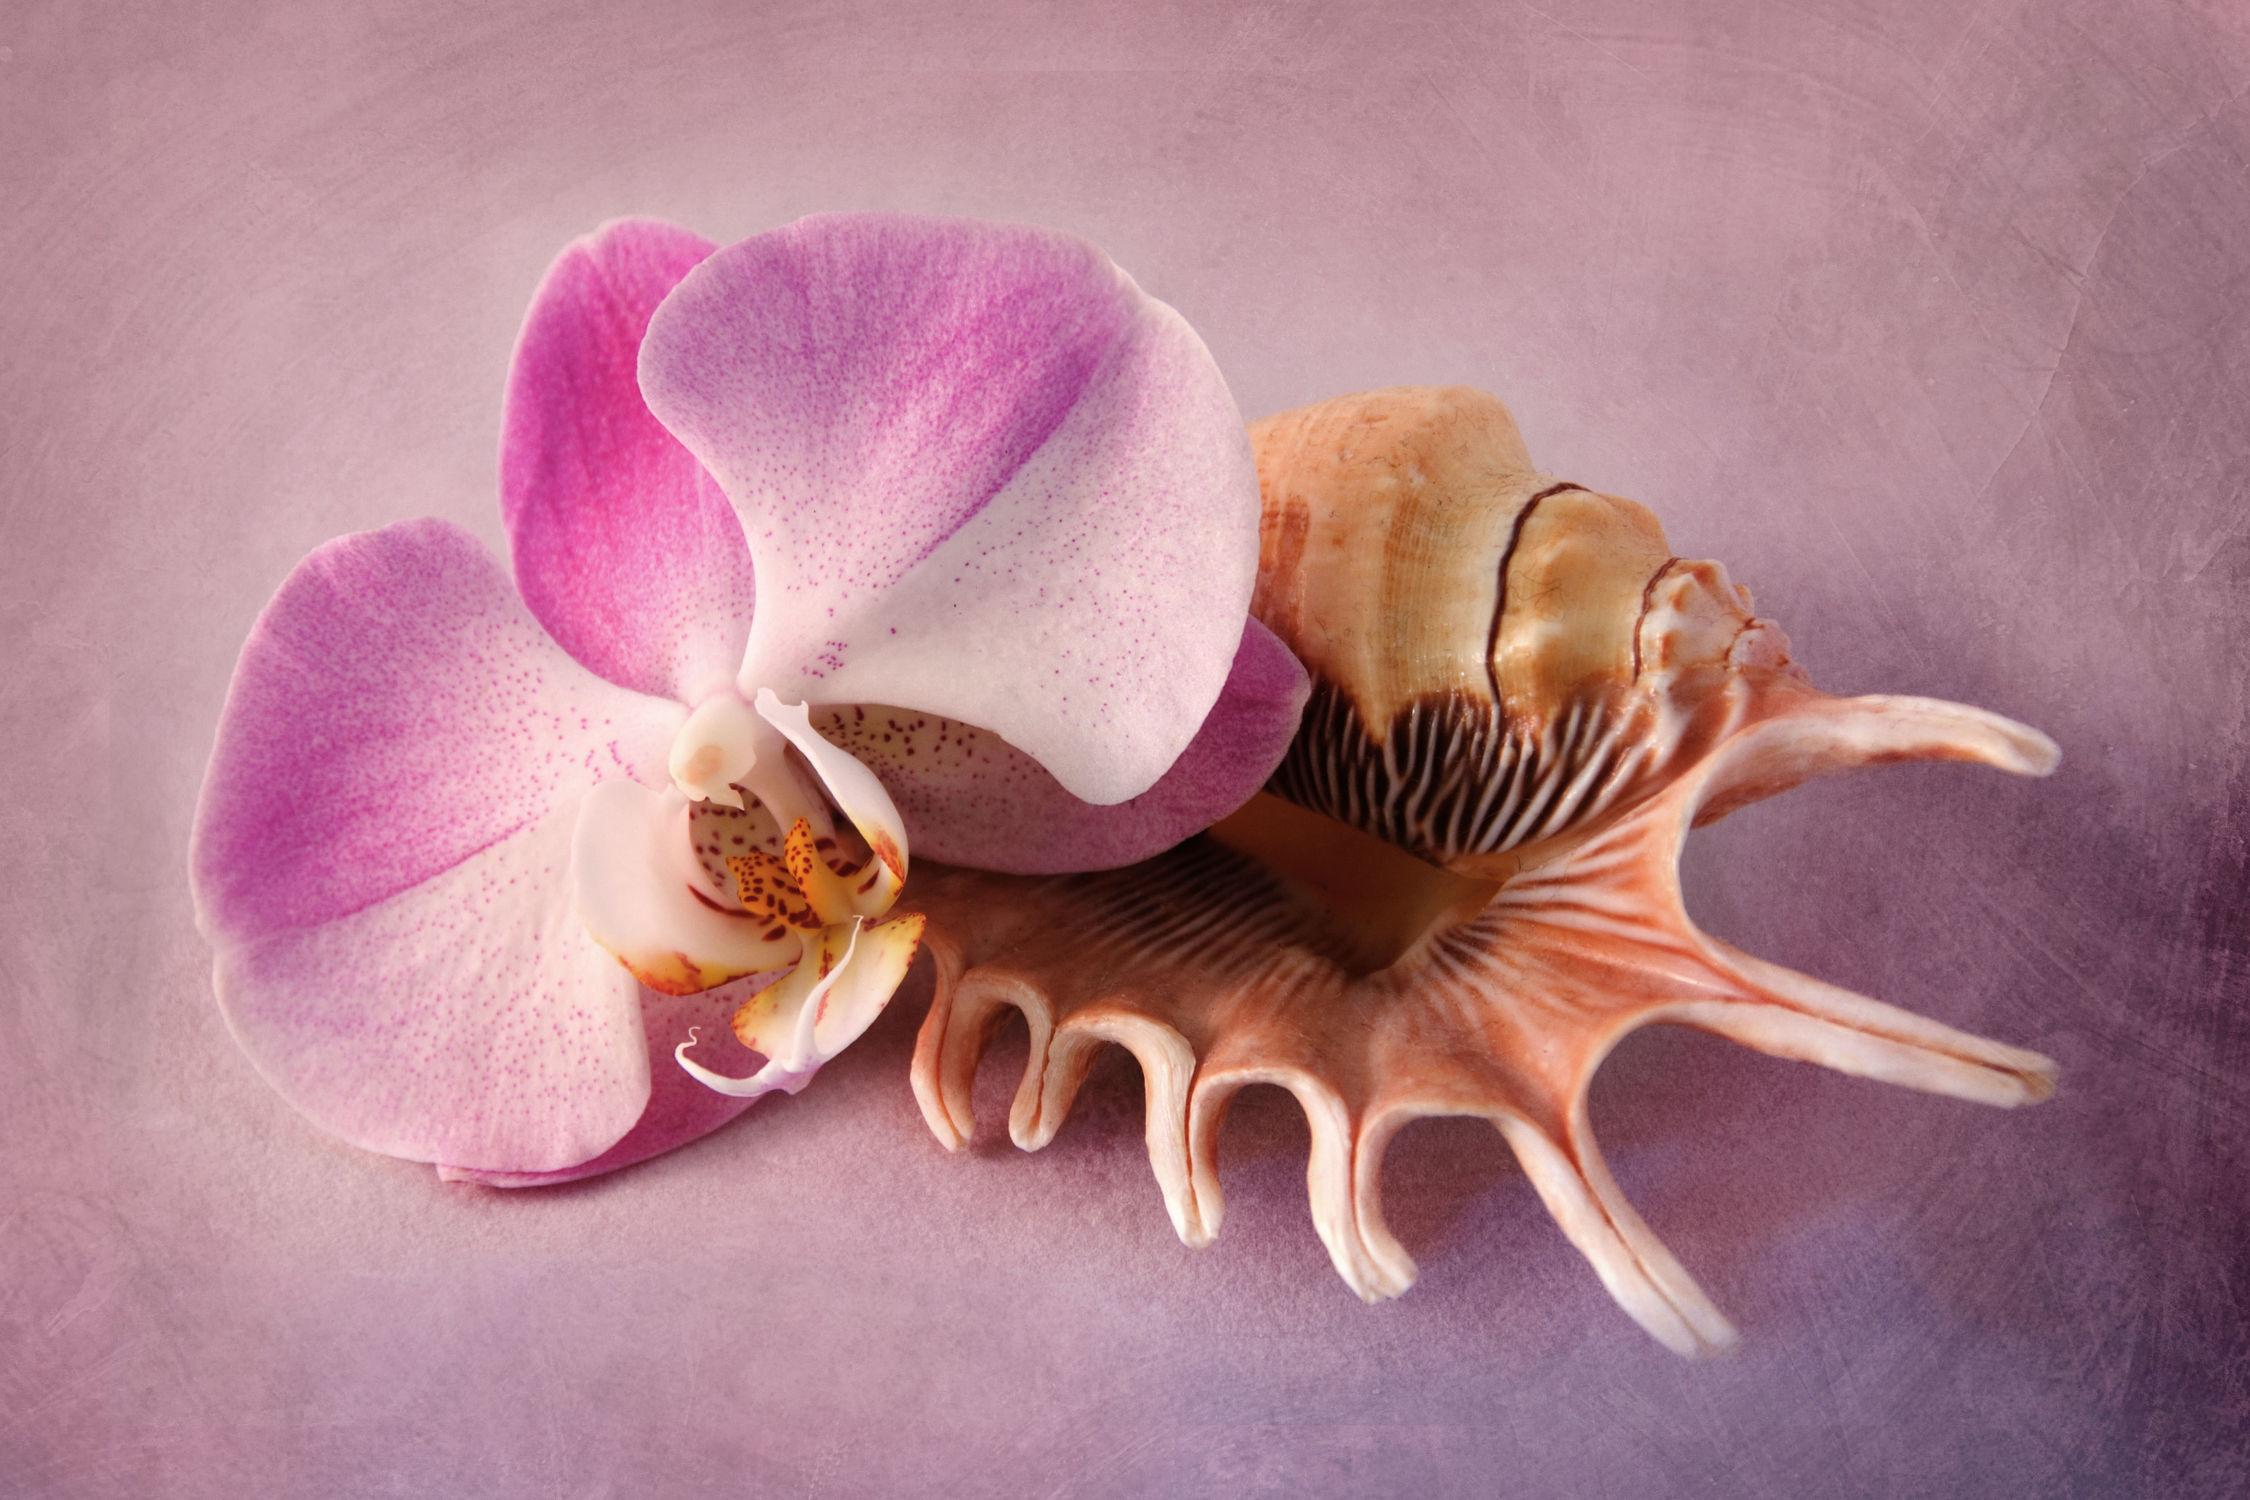 Bild mit Pflanzen, Blumen, Rosa, Orchideen, Blume, Orchidee, Pflanze, Muschel, Muscheln, Blüten, blüte